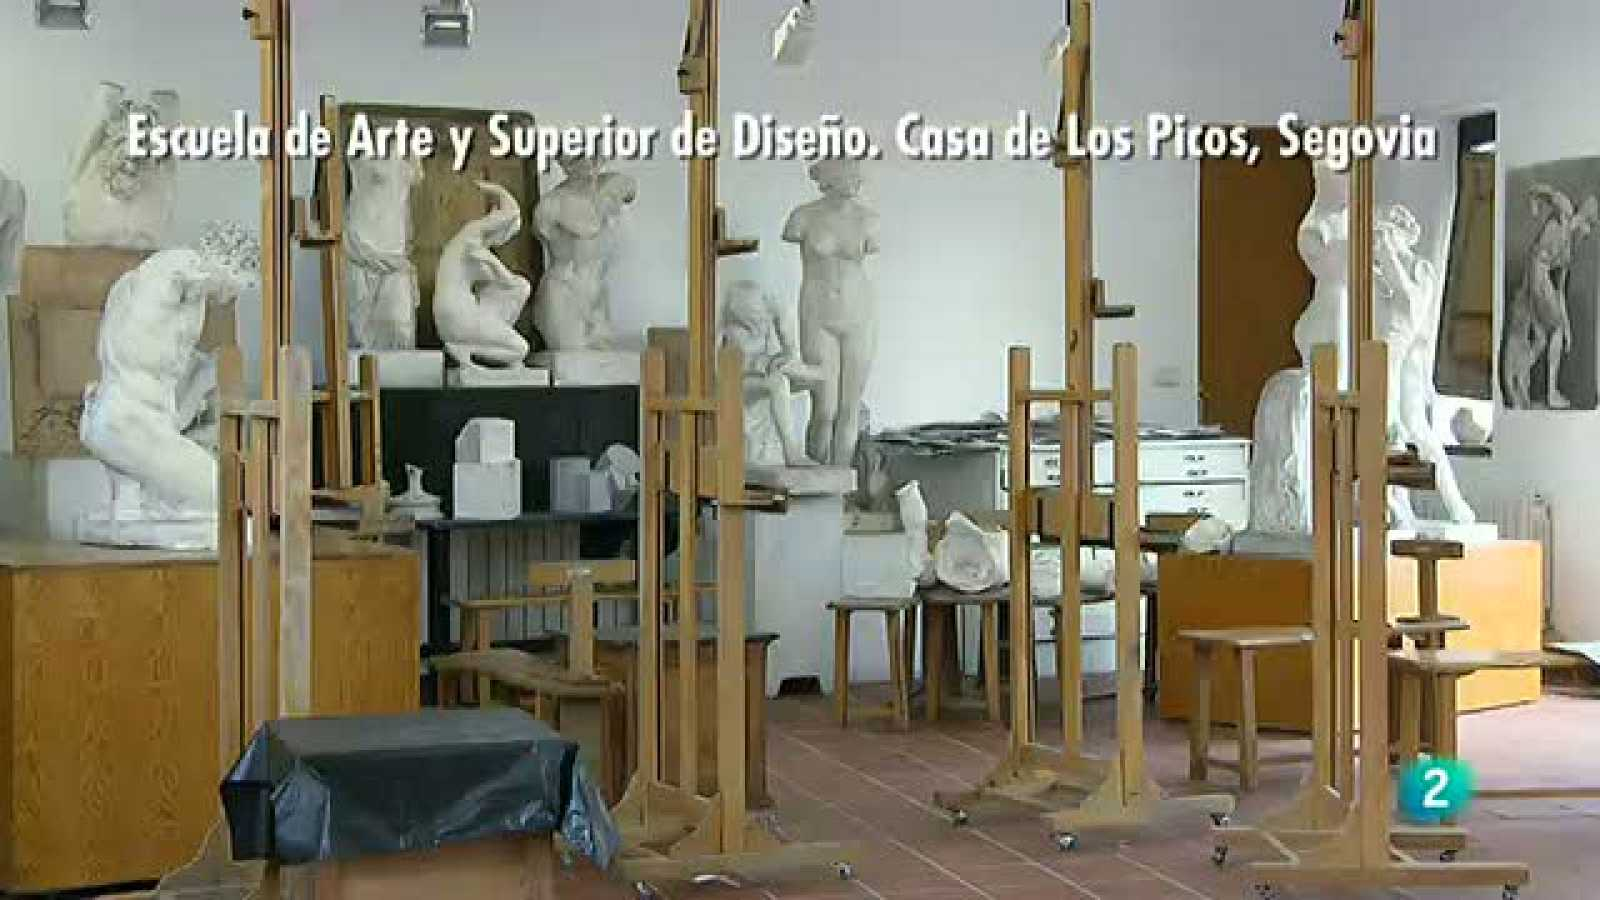 La Aventura del Saber La Casa de los Picos, Escuela de Arte siglo XV Bachillerato de Artes  grado universitario #AventuraSaberEducación